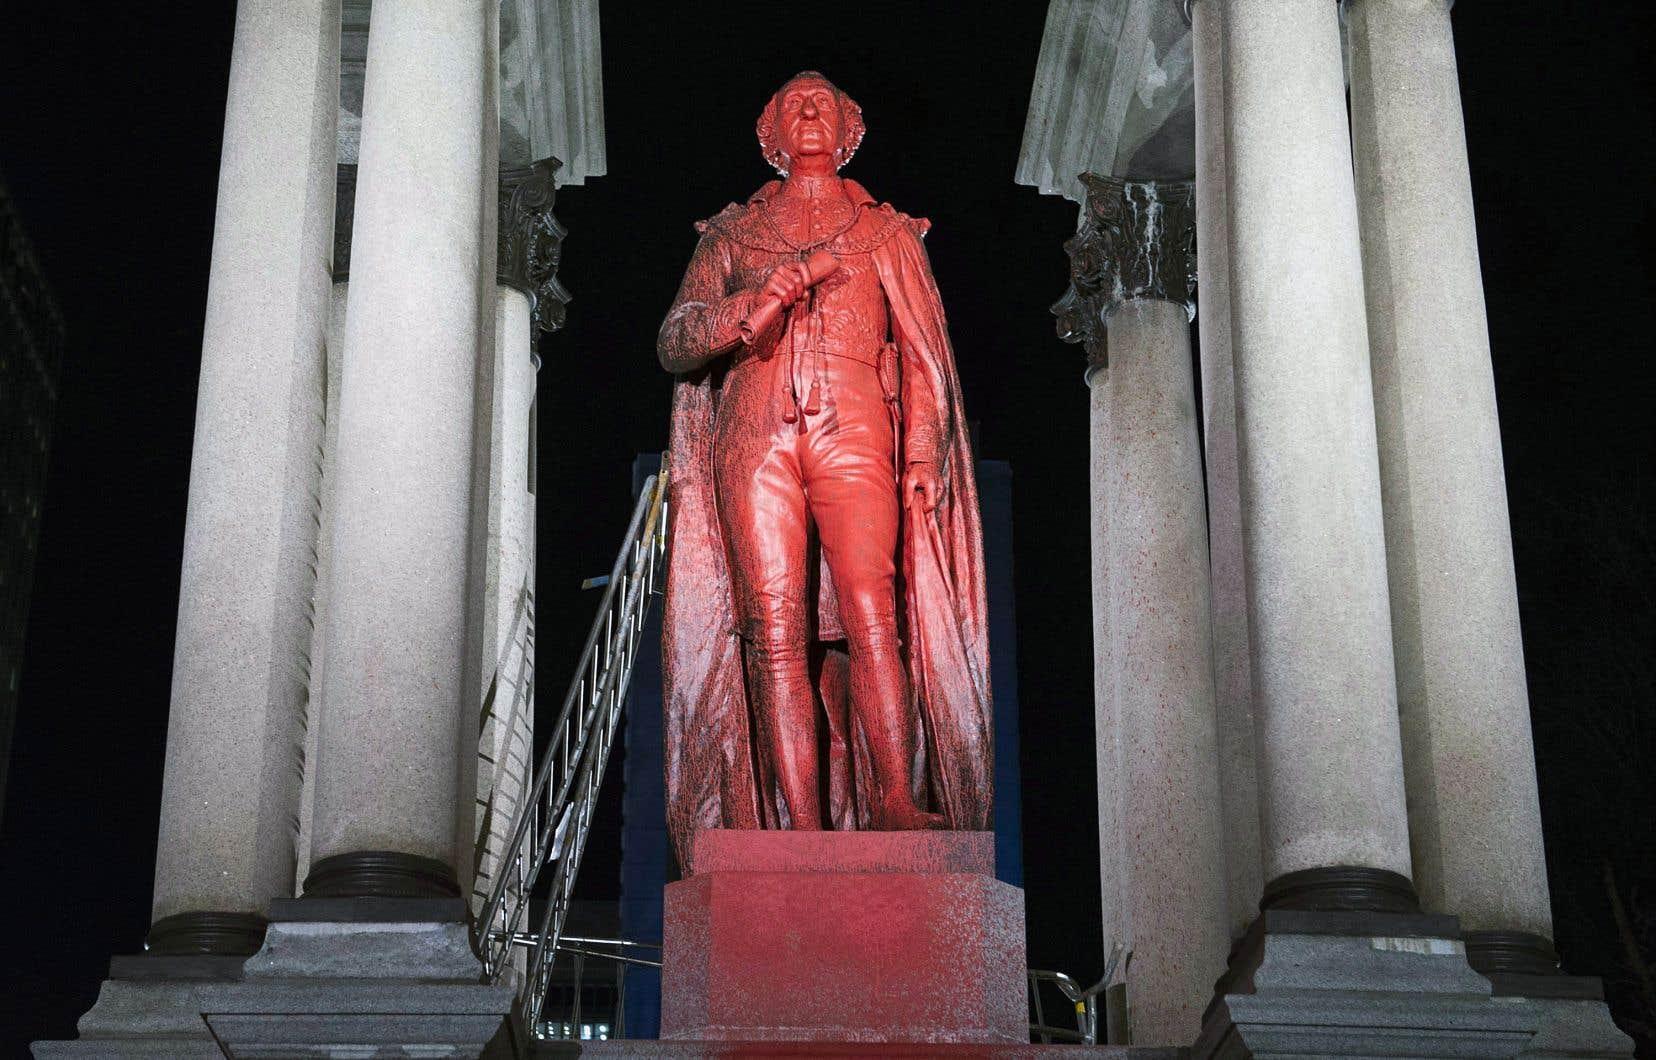 Une statue de John A. Macdonald avait été recouverte de peinture rouge sur la place du Canada, à Montréal, en novembre dernier.